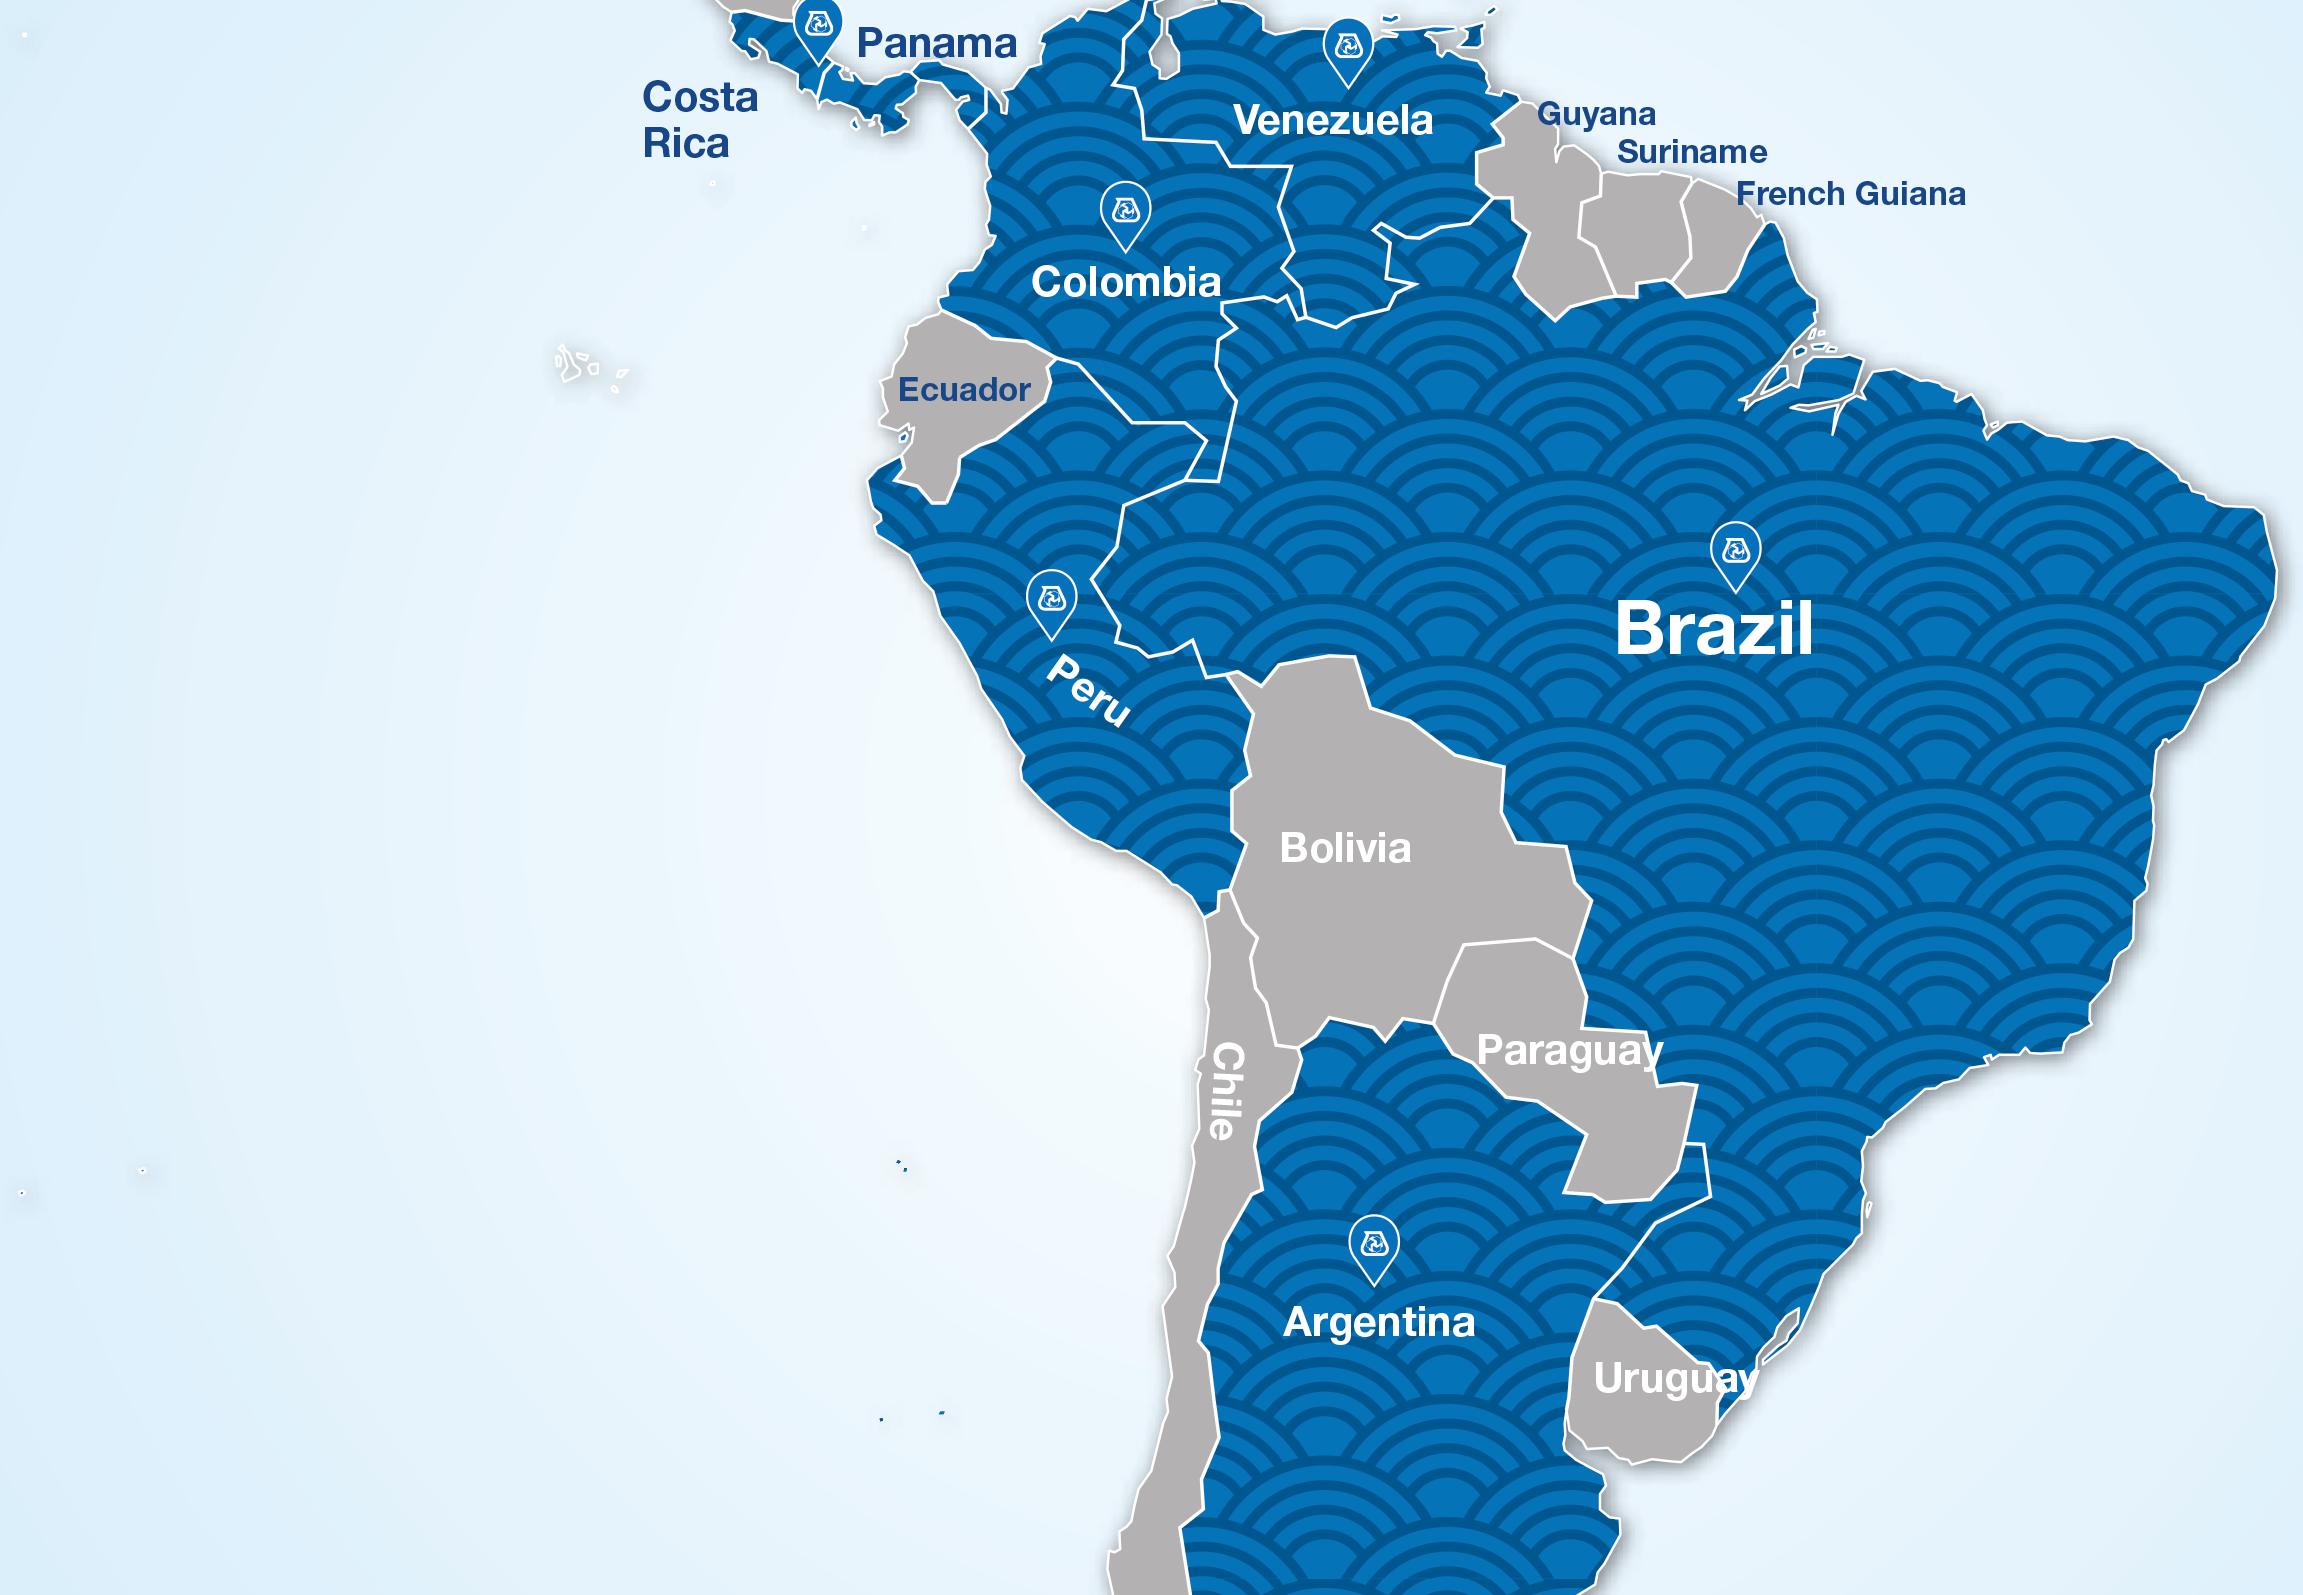 Los planes a largo plazo en el mercado latinoamericano para contrarrestar la incertidumbre económica